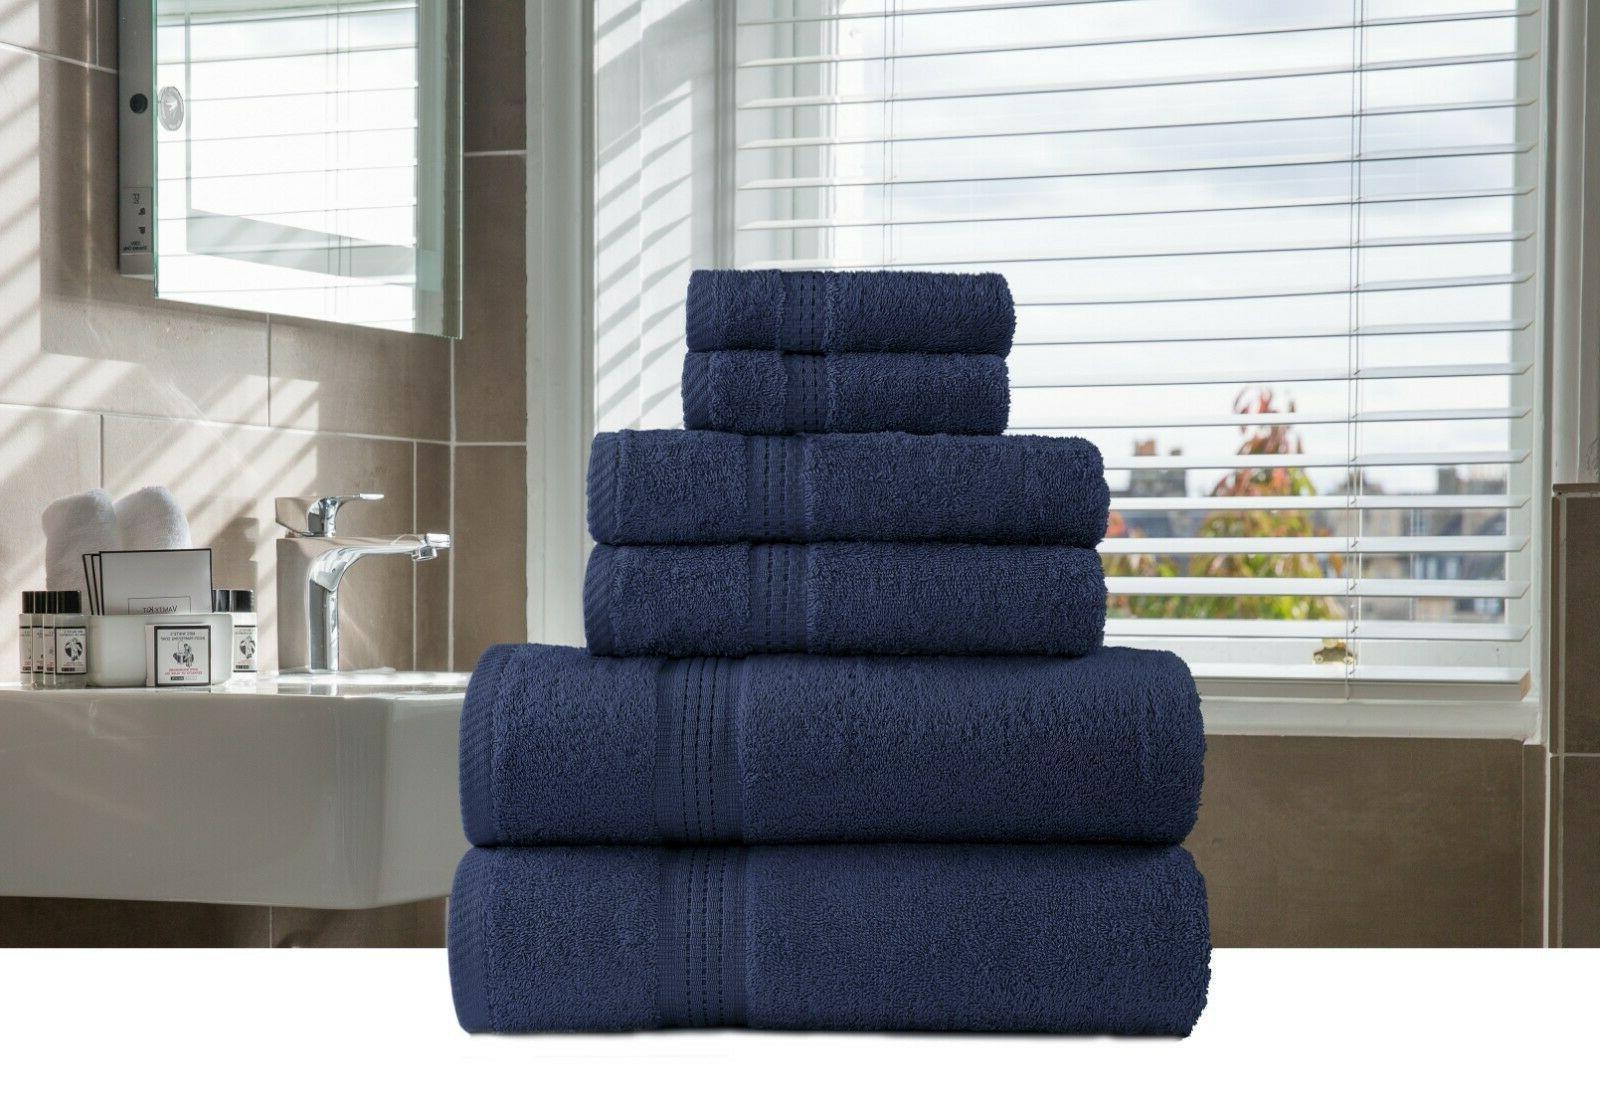 6-Piece Bath-Hand-Face Towels Sets Multi